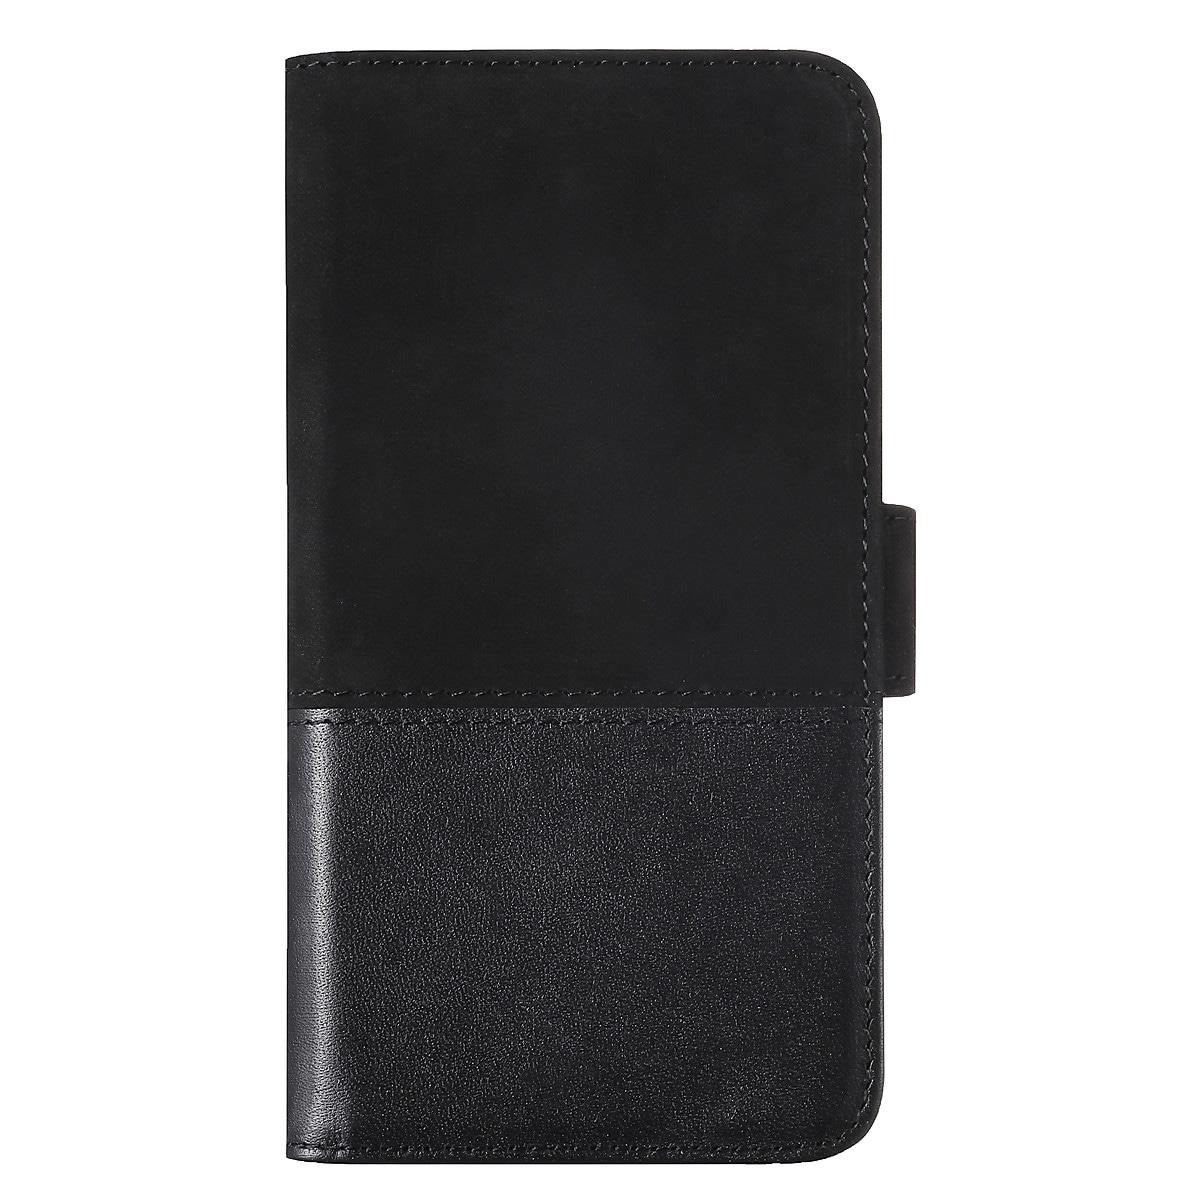 Holdit Skrea lommebokfutteral til iPhone X/XS